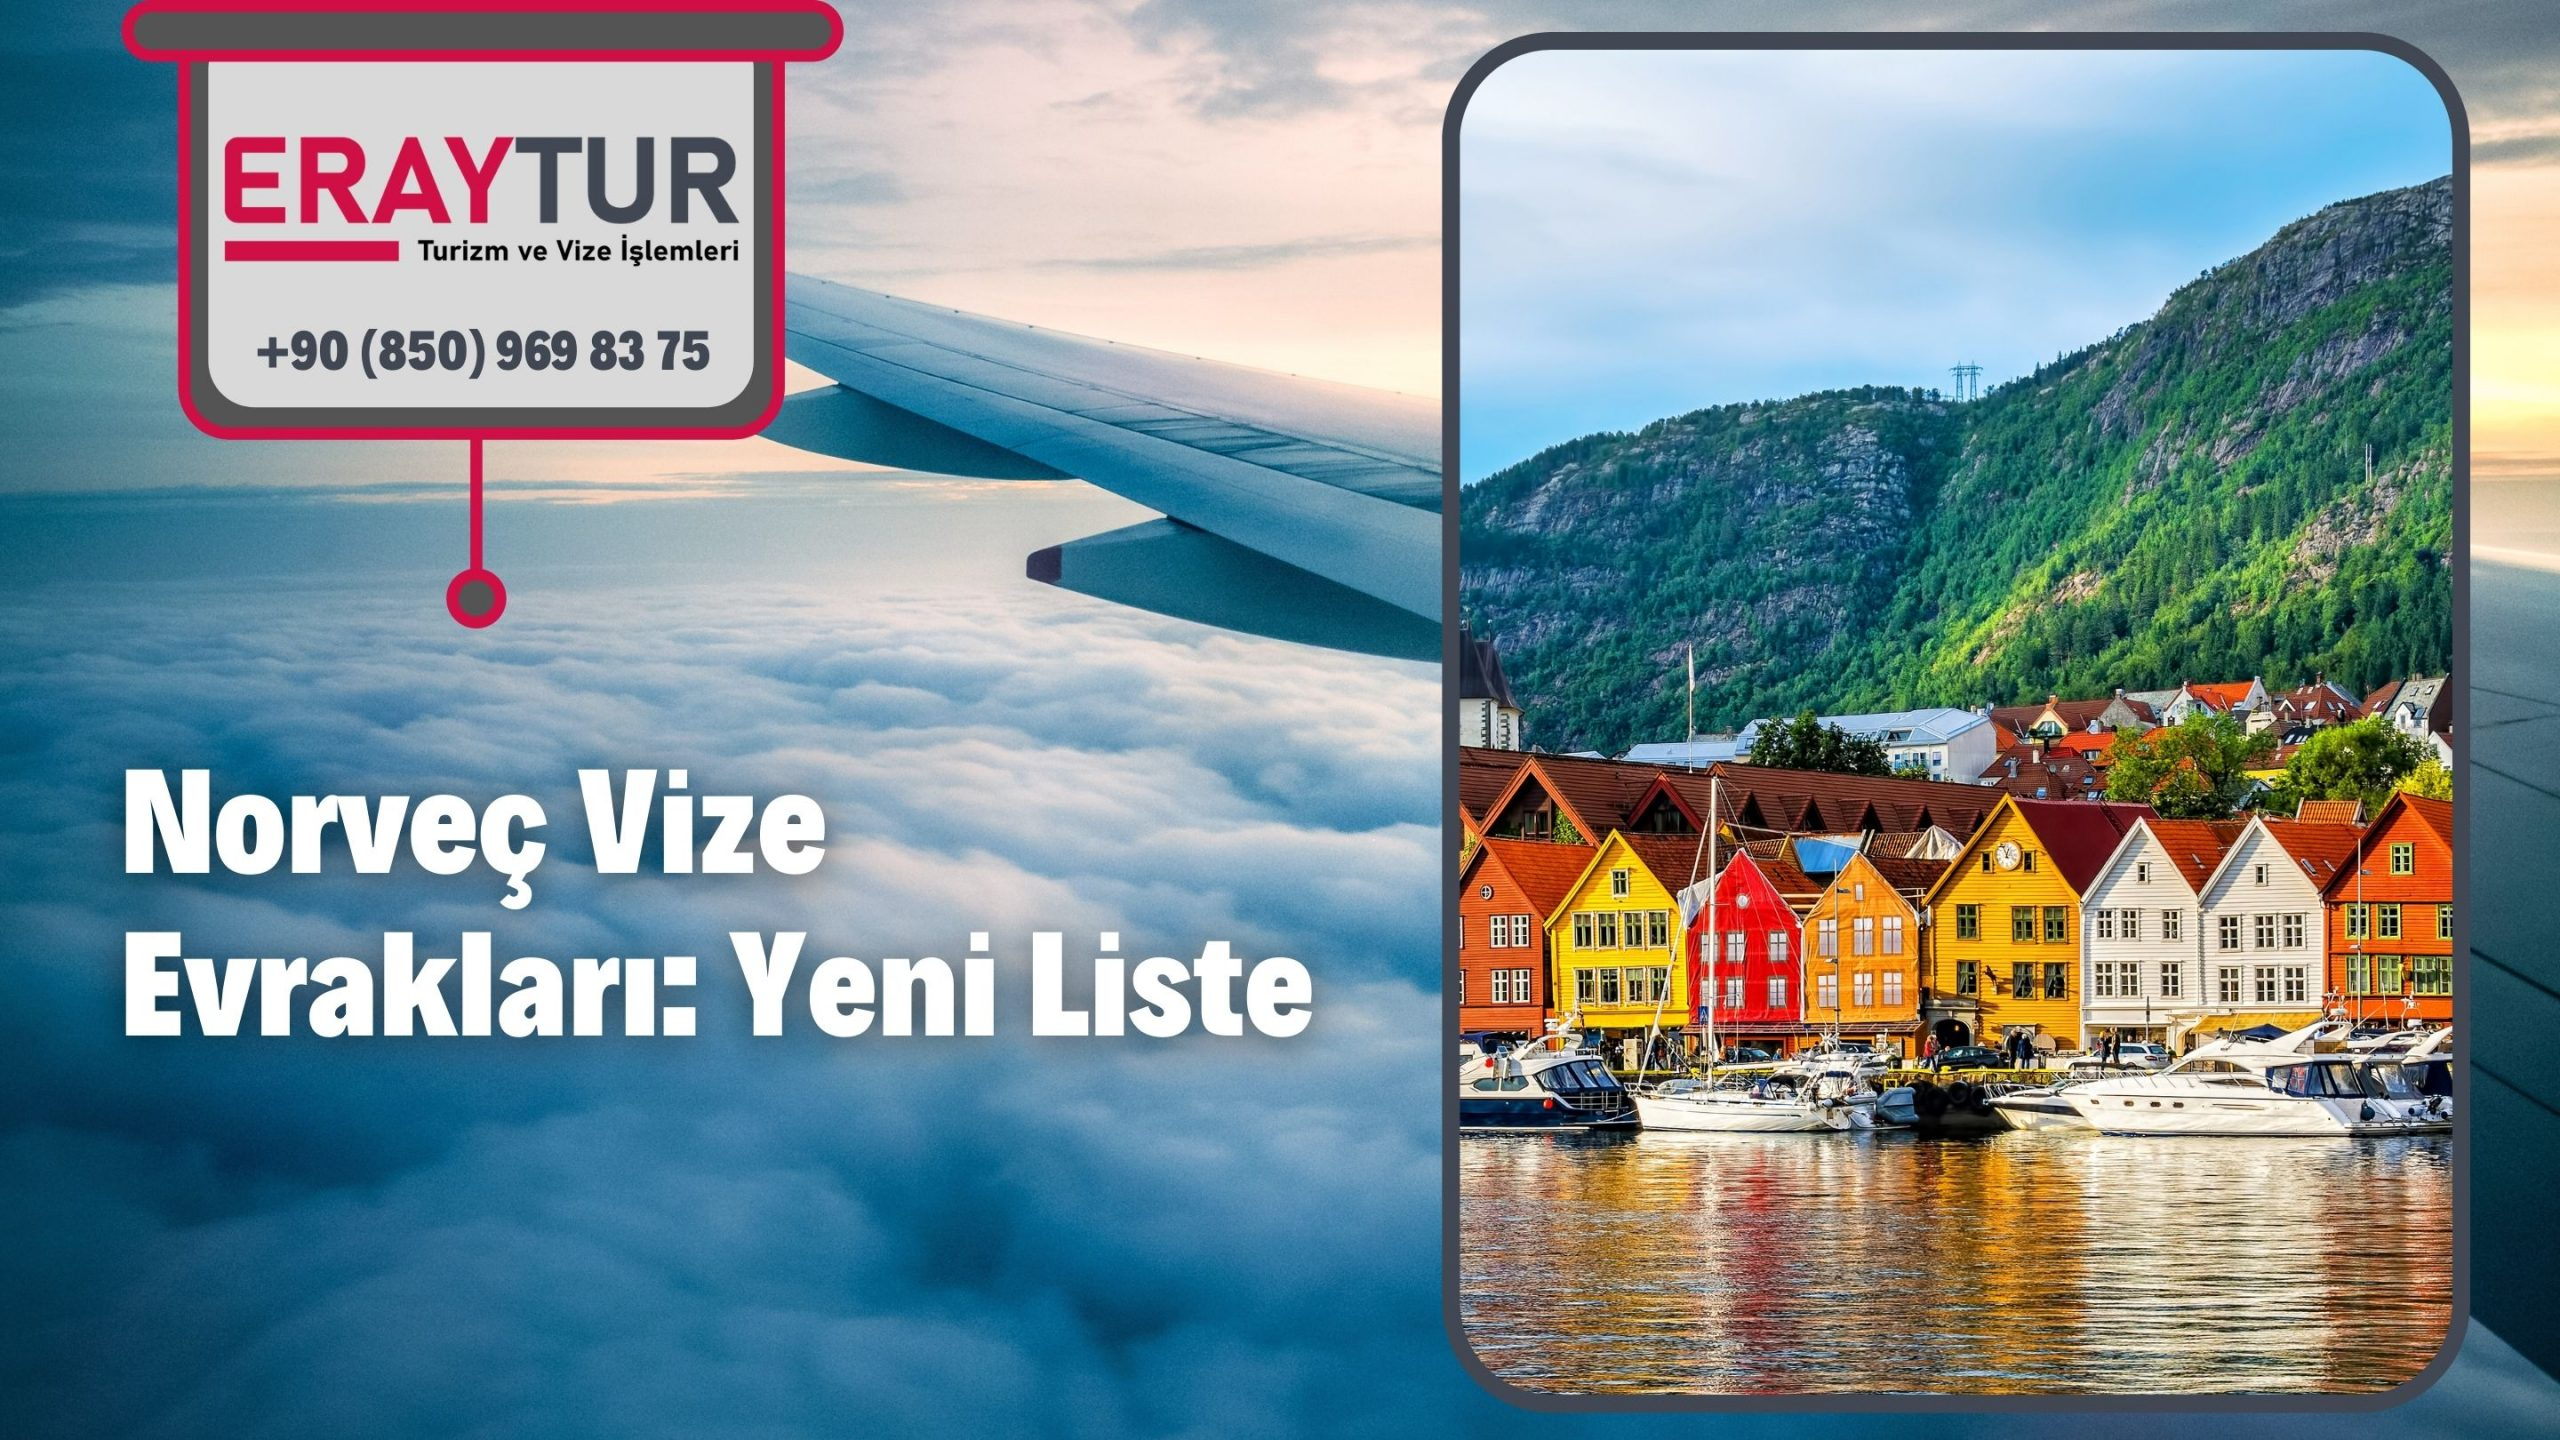 Norveç Vize Evrakları: Yeni Liste [2021]